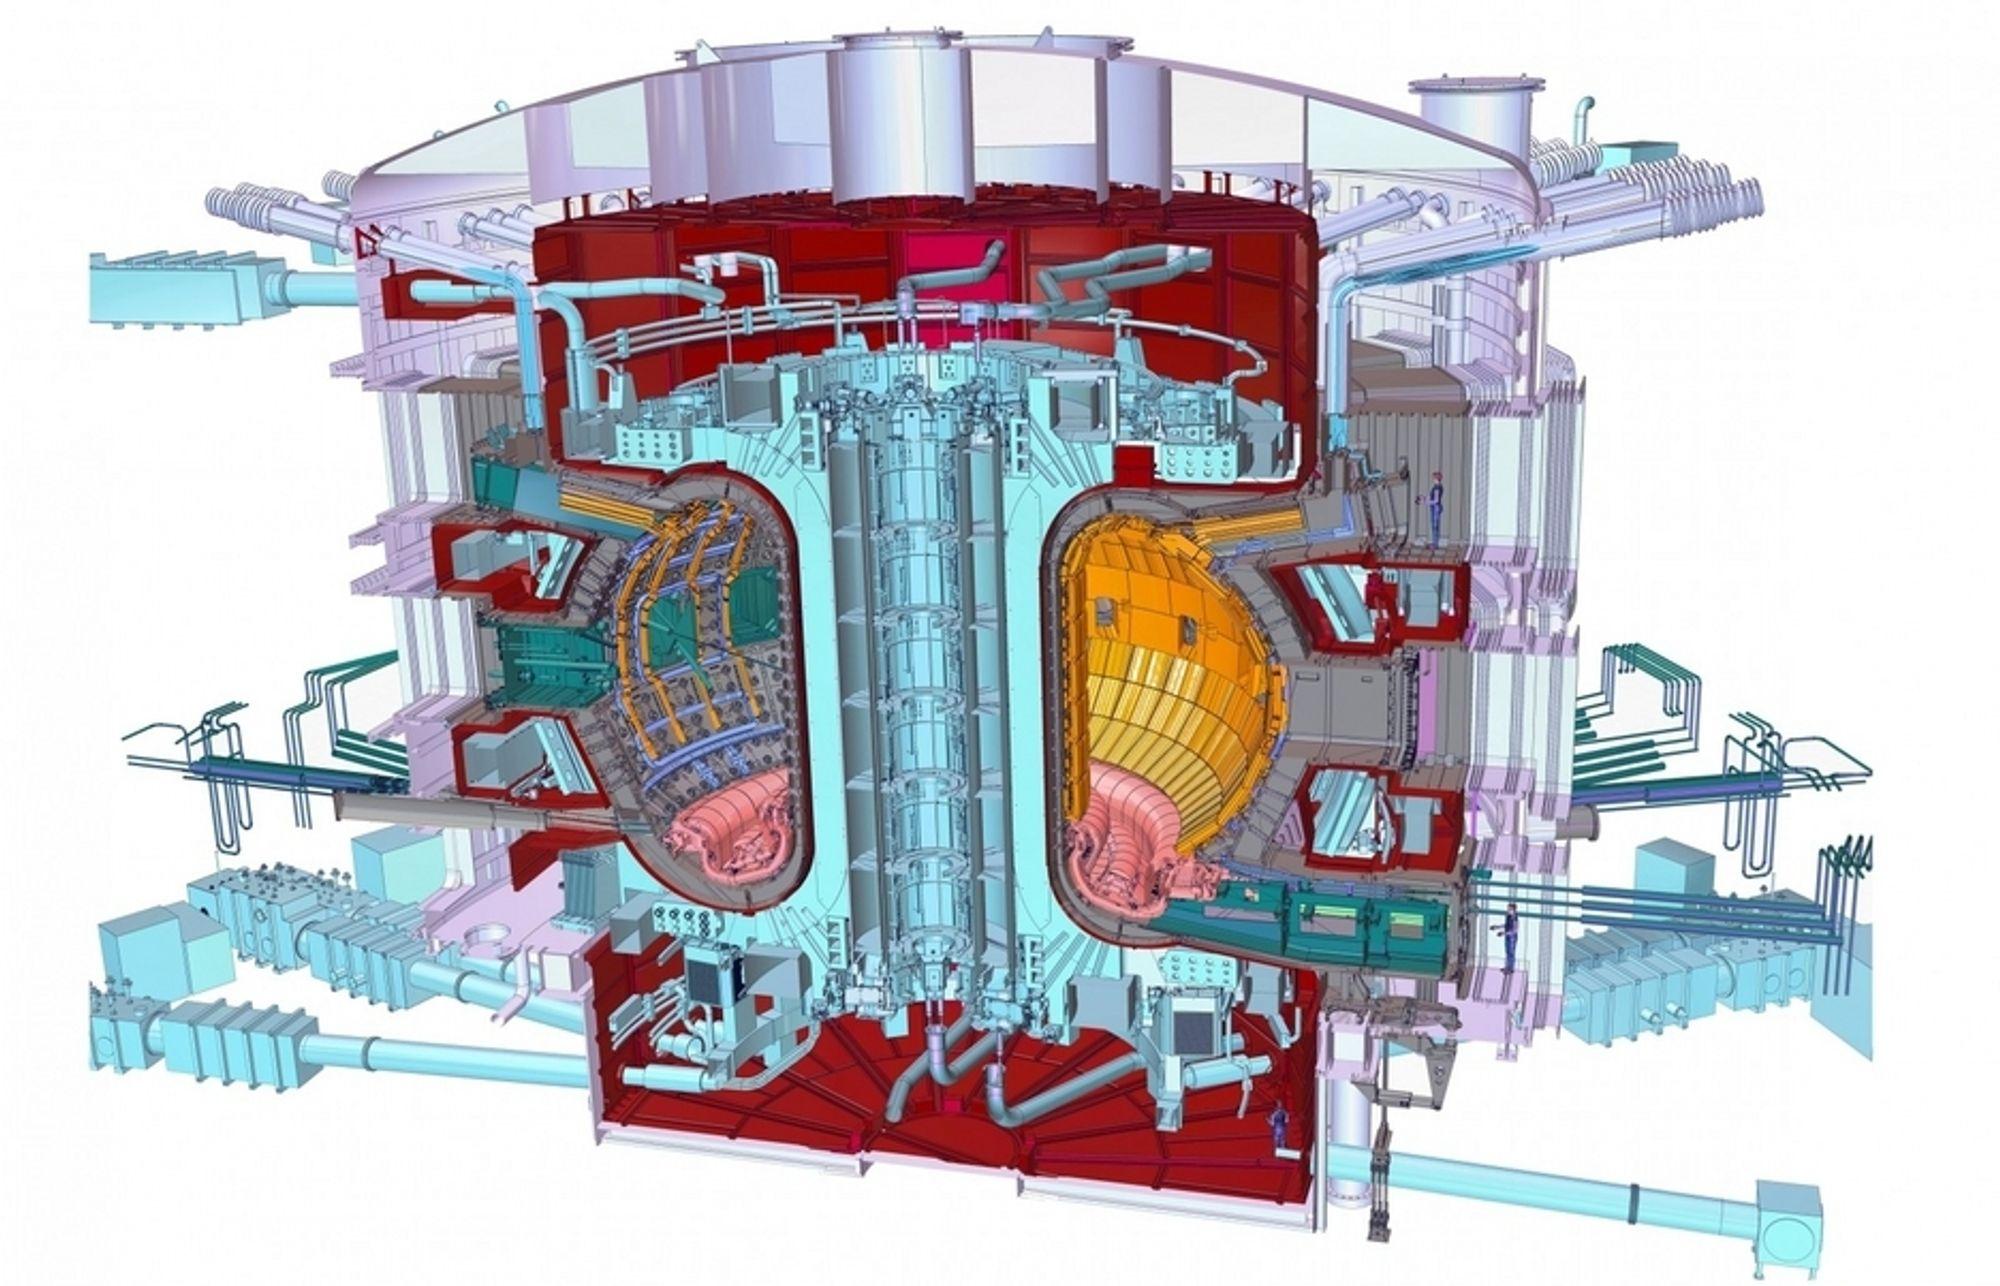 ETT SKRITT NÆRMERE: Et tverrsnitt av den fremtidige reaktoren: ITER Tokamak.